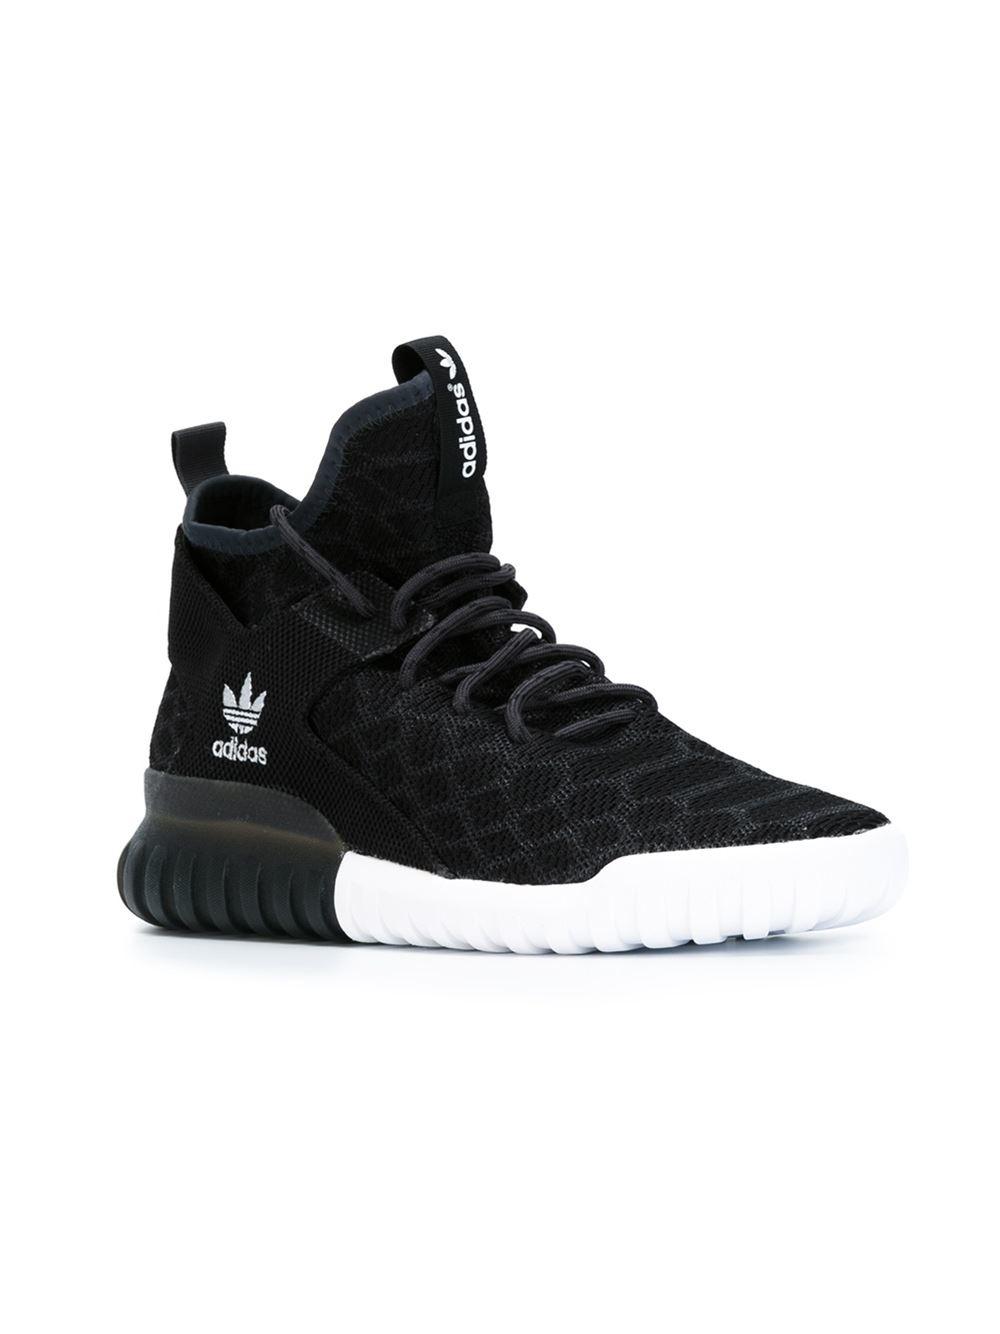 adidas originals tubular x primeknit sneakers in black